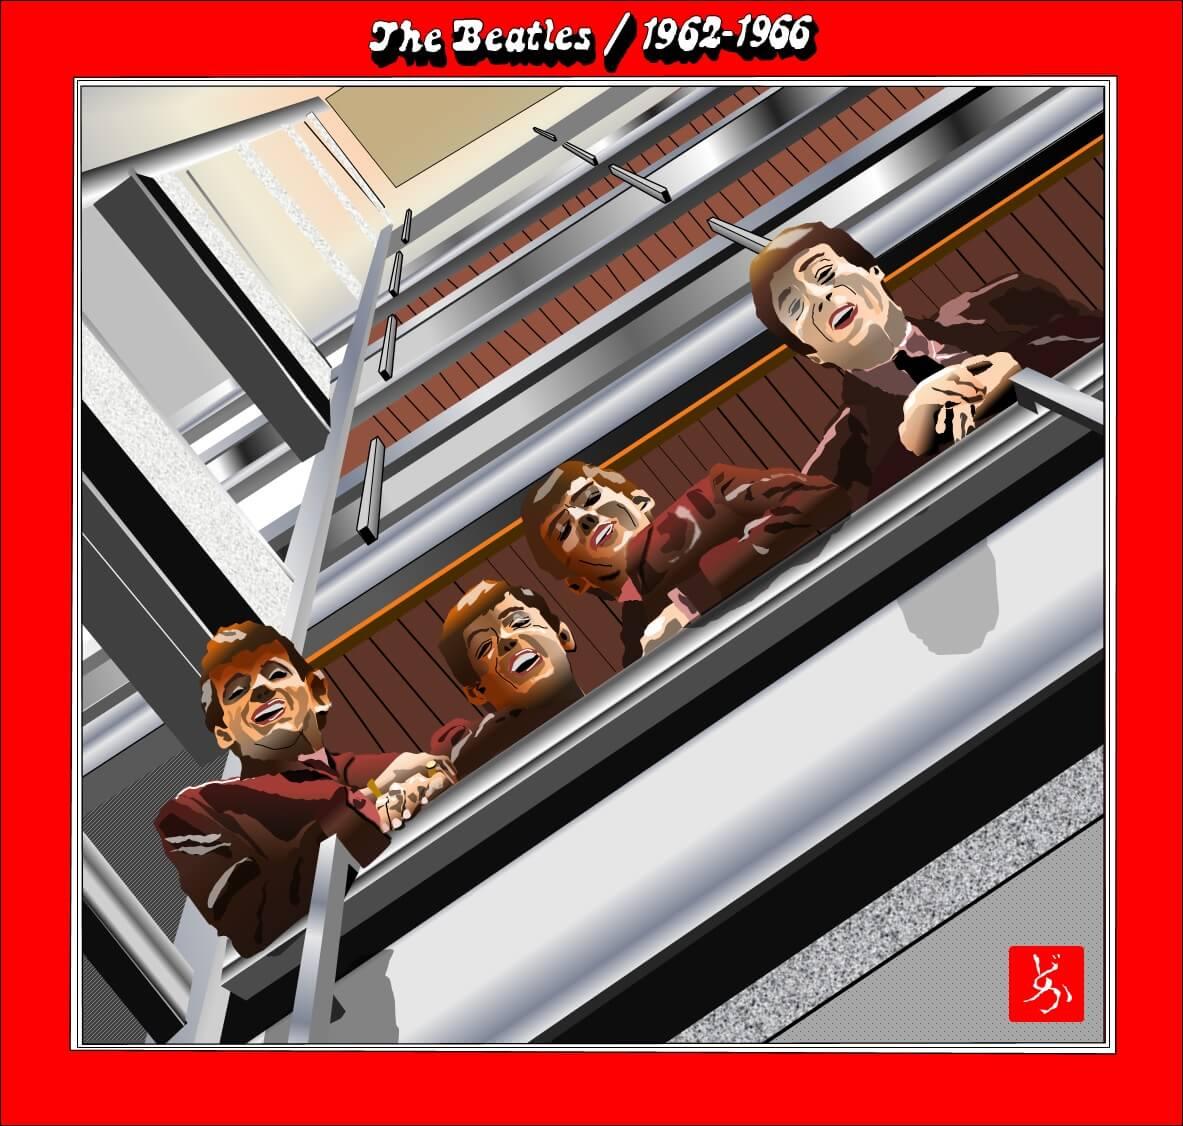 ビートルズの前期ベスト盤「1962-1966」のエクセル画イラスト